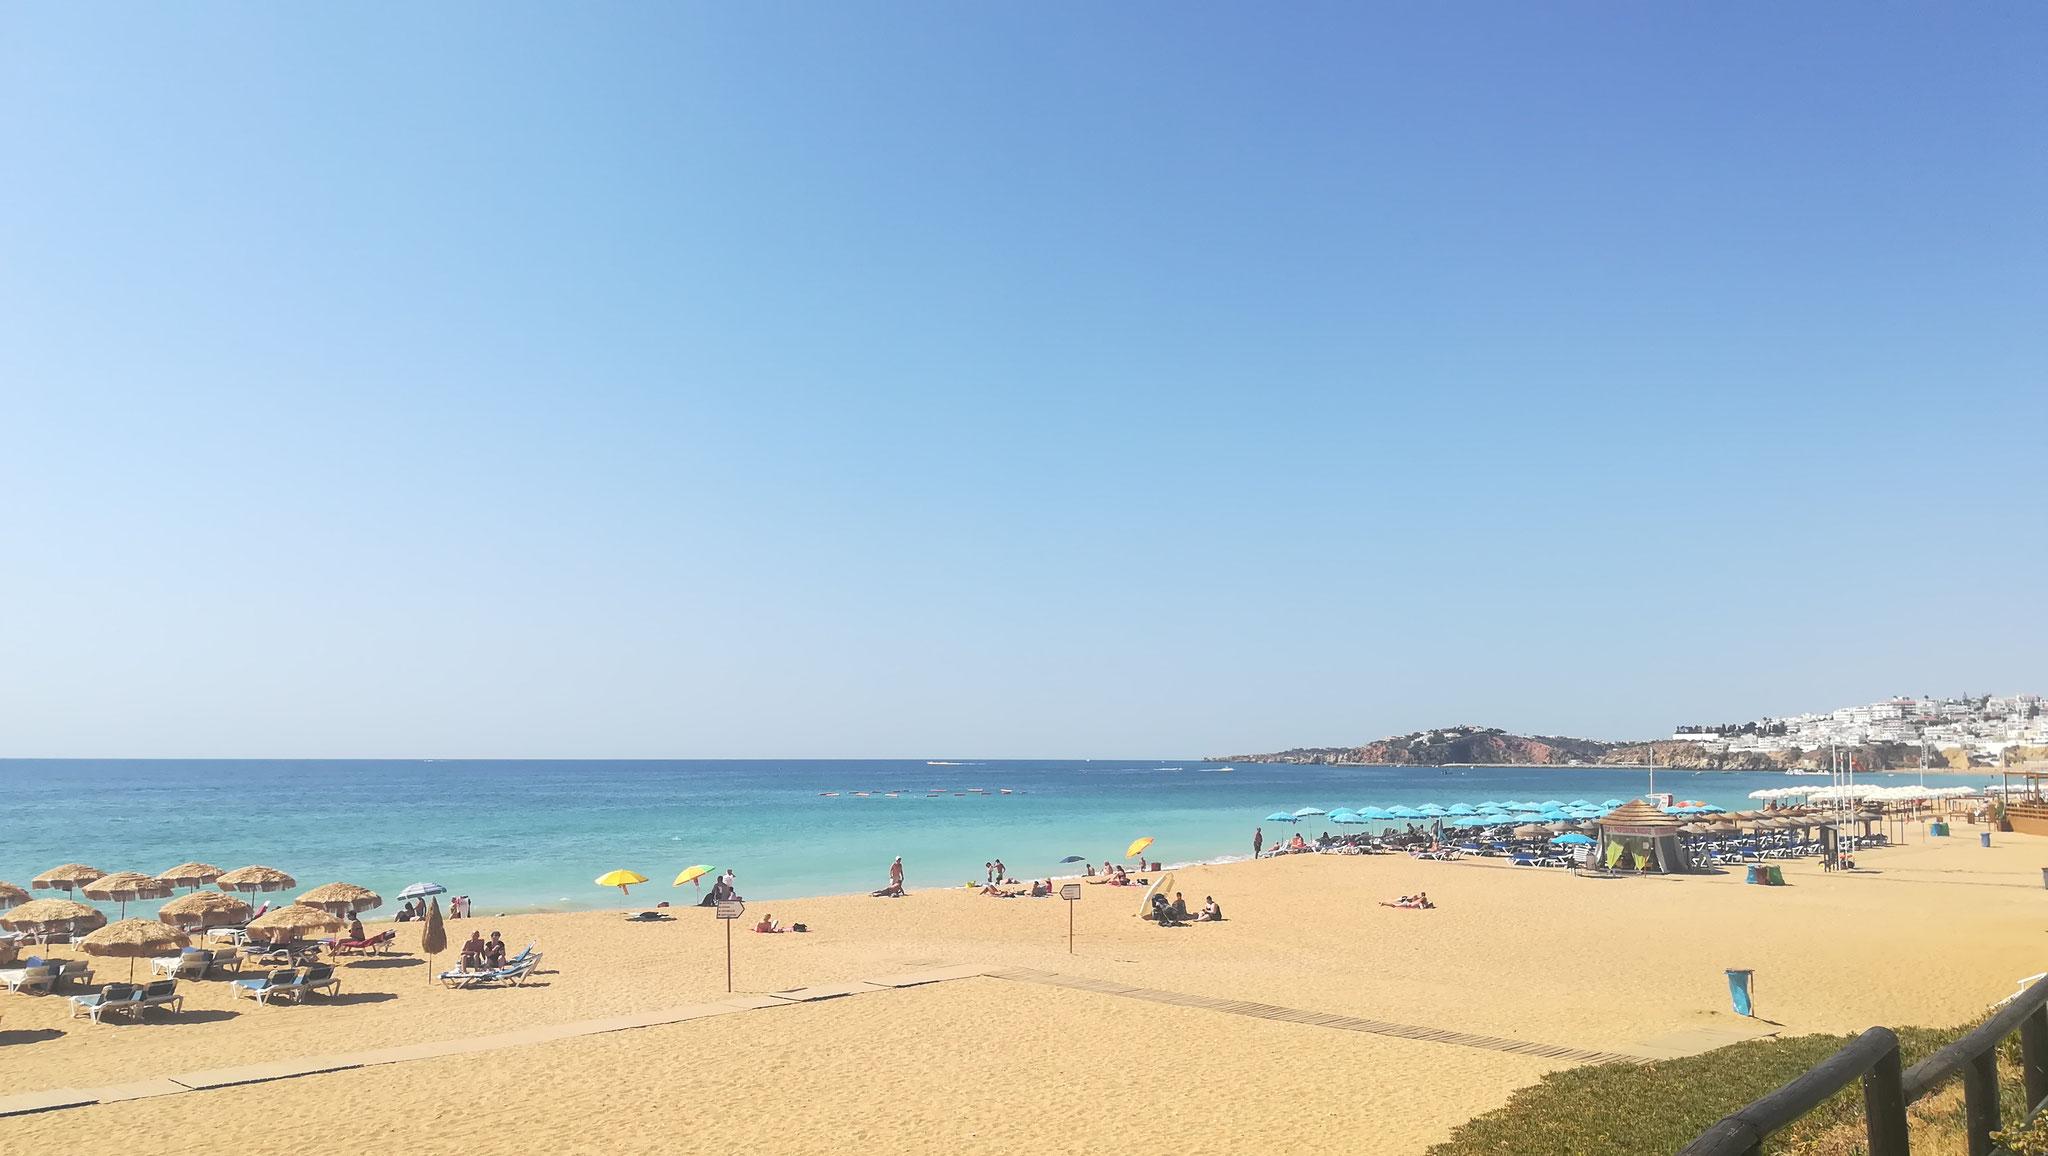 Praia da Oura (Stadtteil Albufeira)